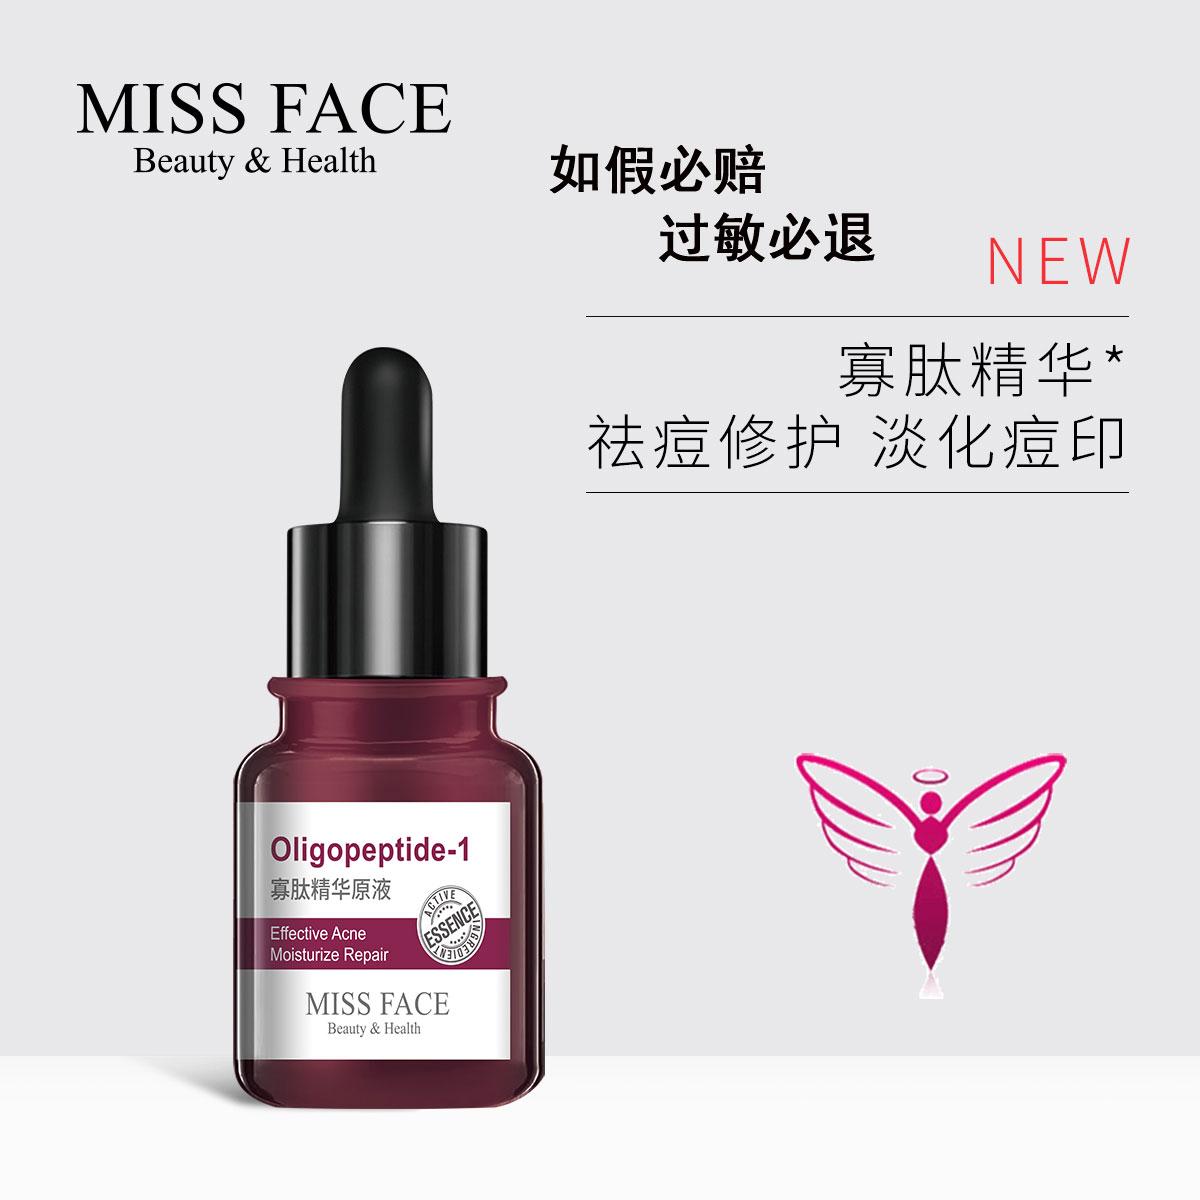 Miss face寡肽原液祛痘修护面部补水保湿精华液化淡化痘印控油